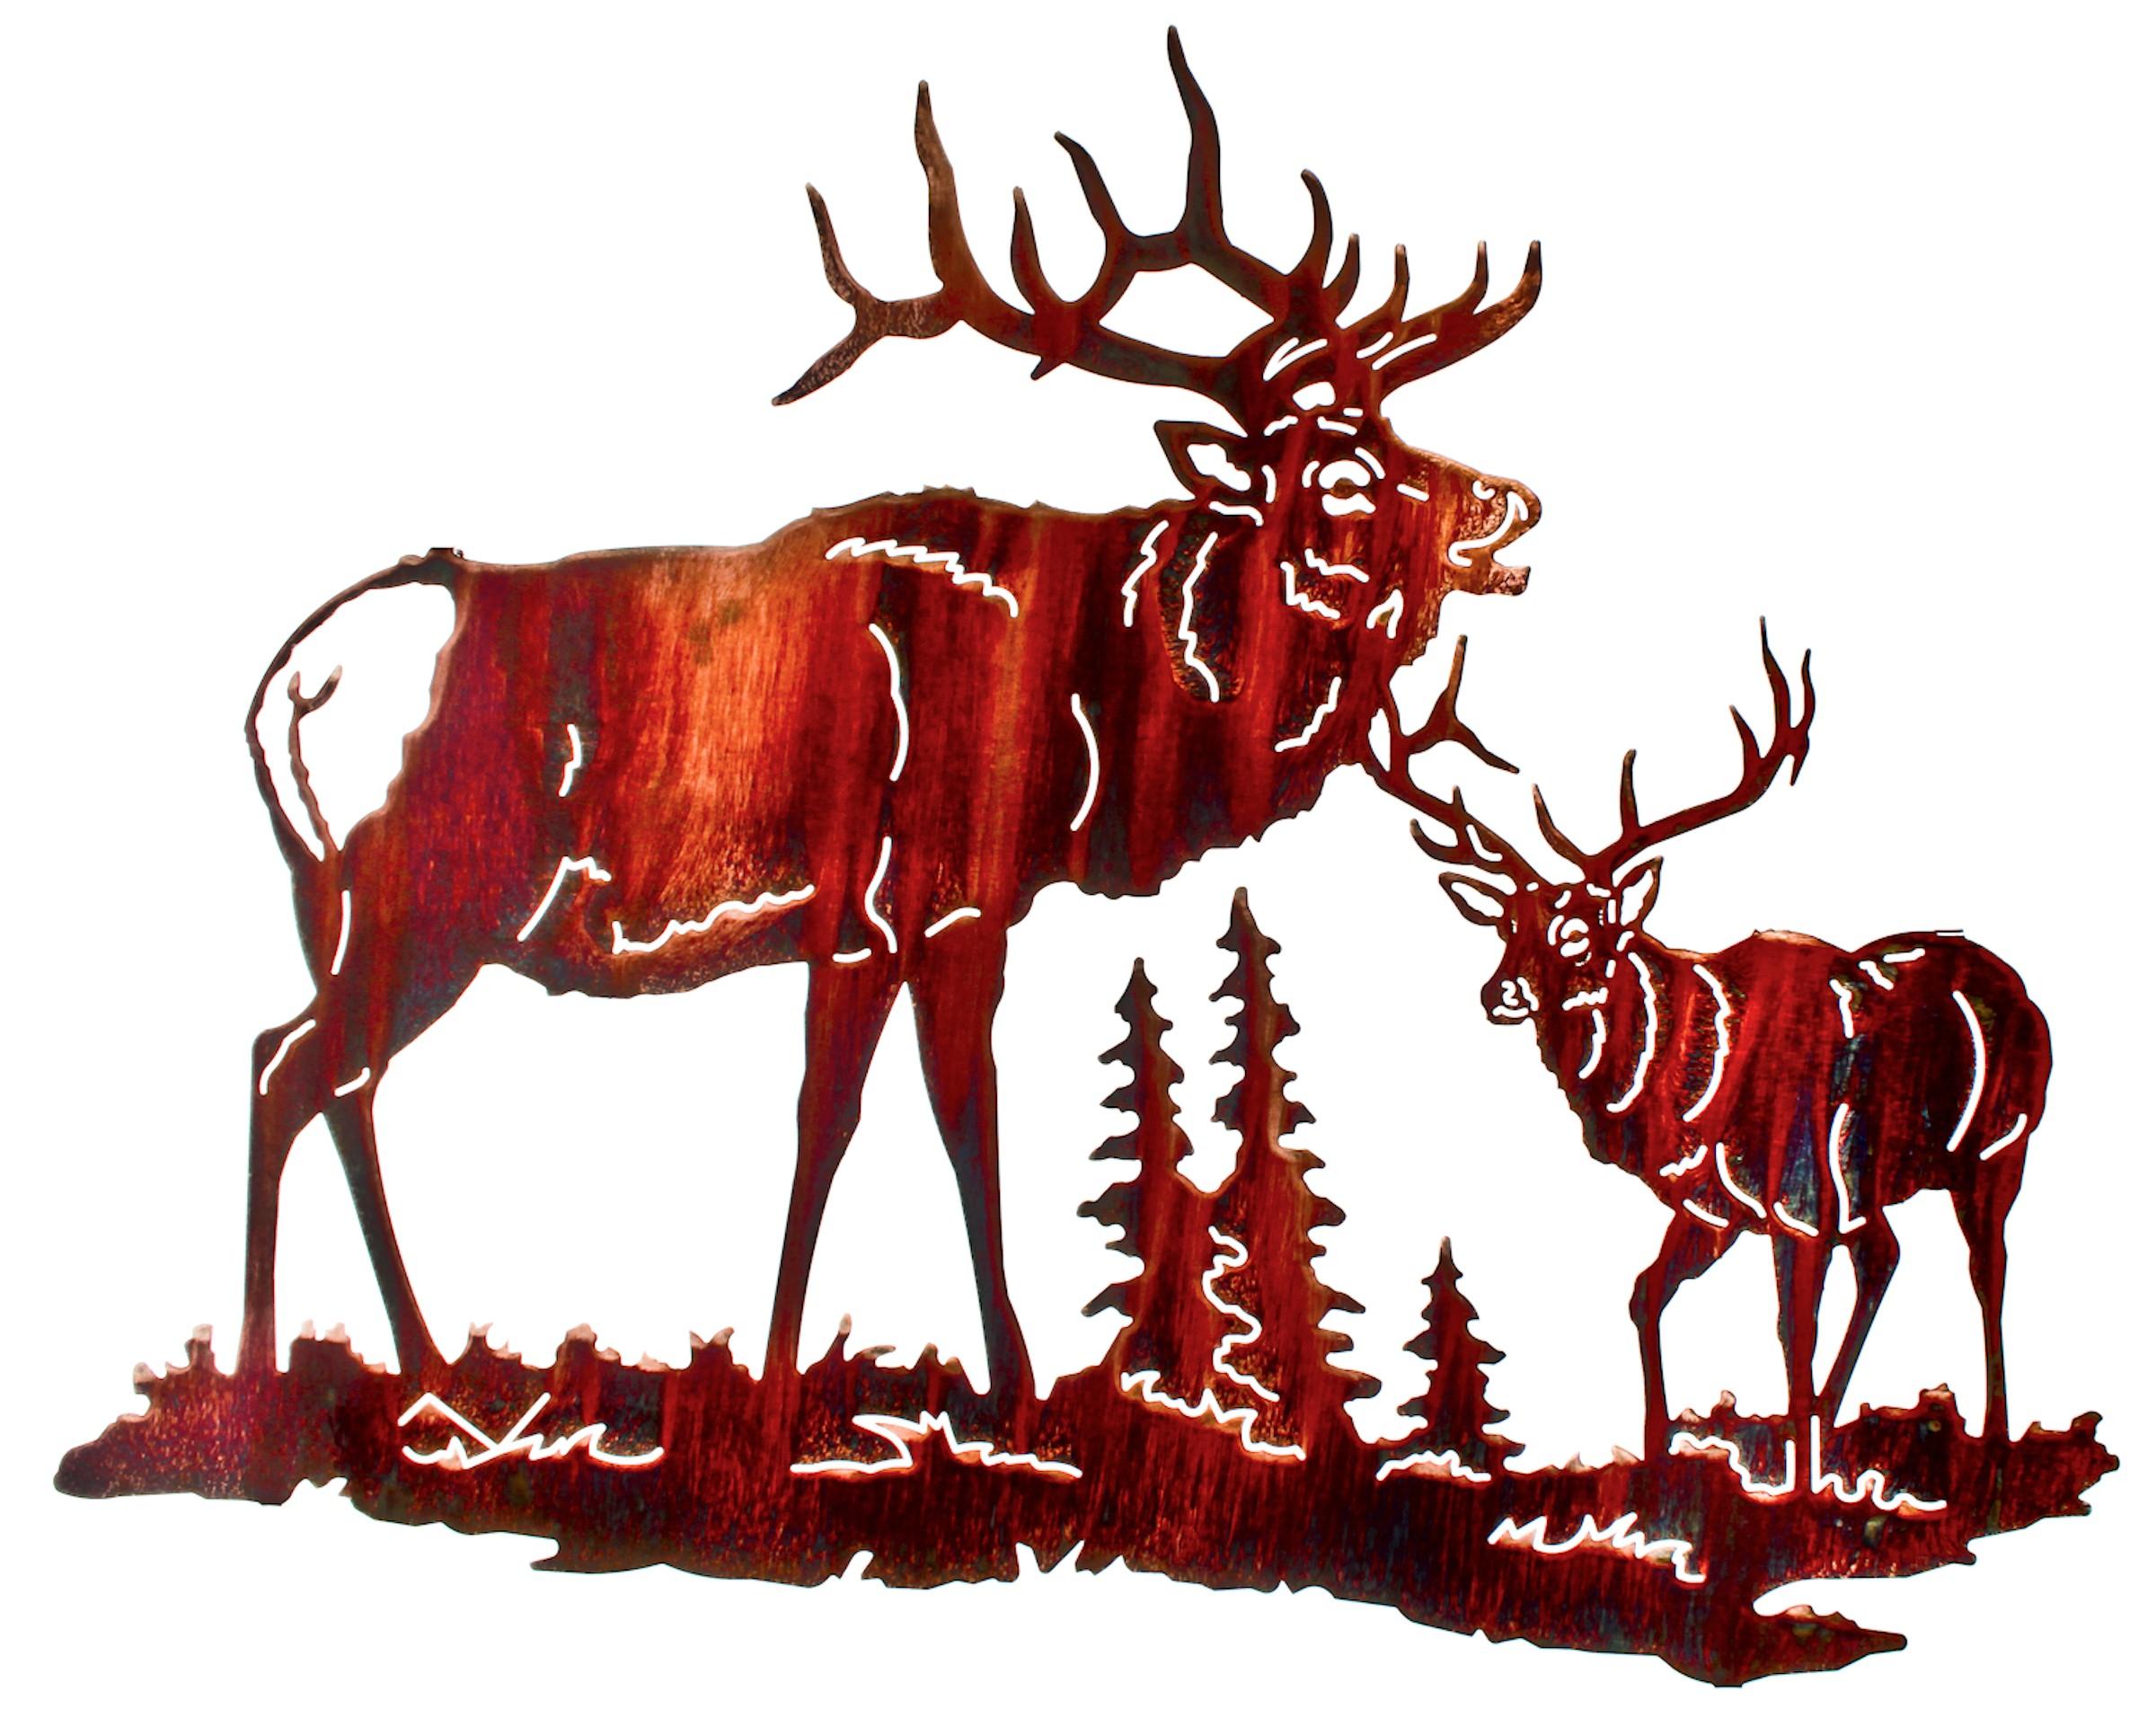 2400x1902 Elk Metal Wall Art, Elk Metal Wall Hangings, Elk Metal Wall Hanging